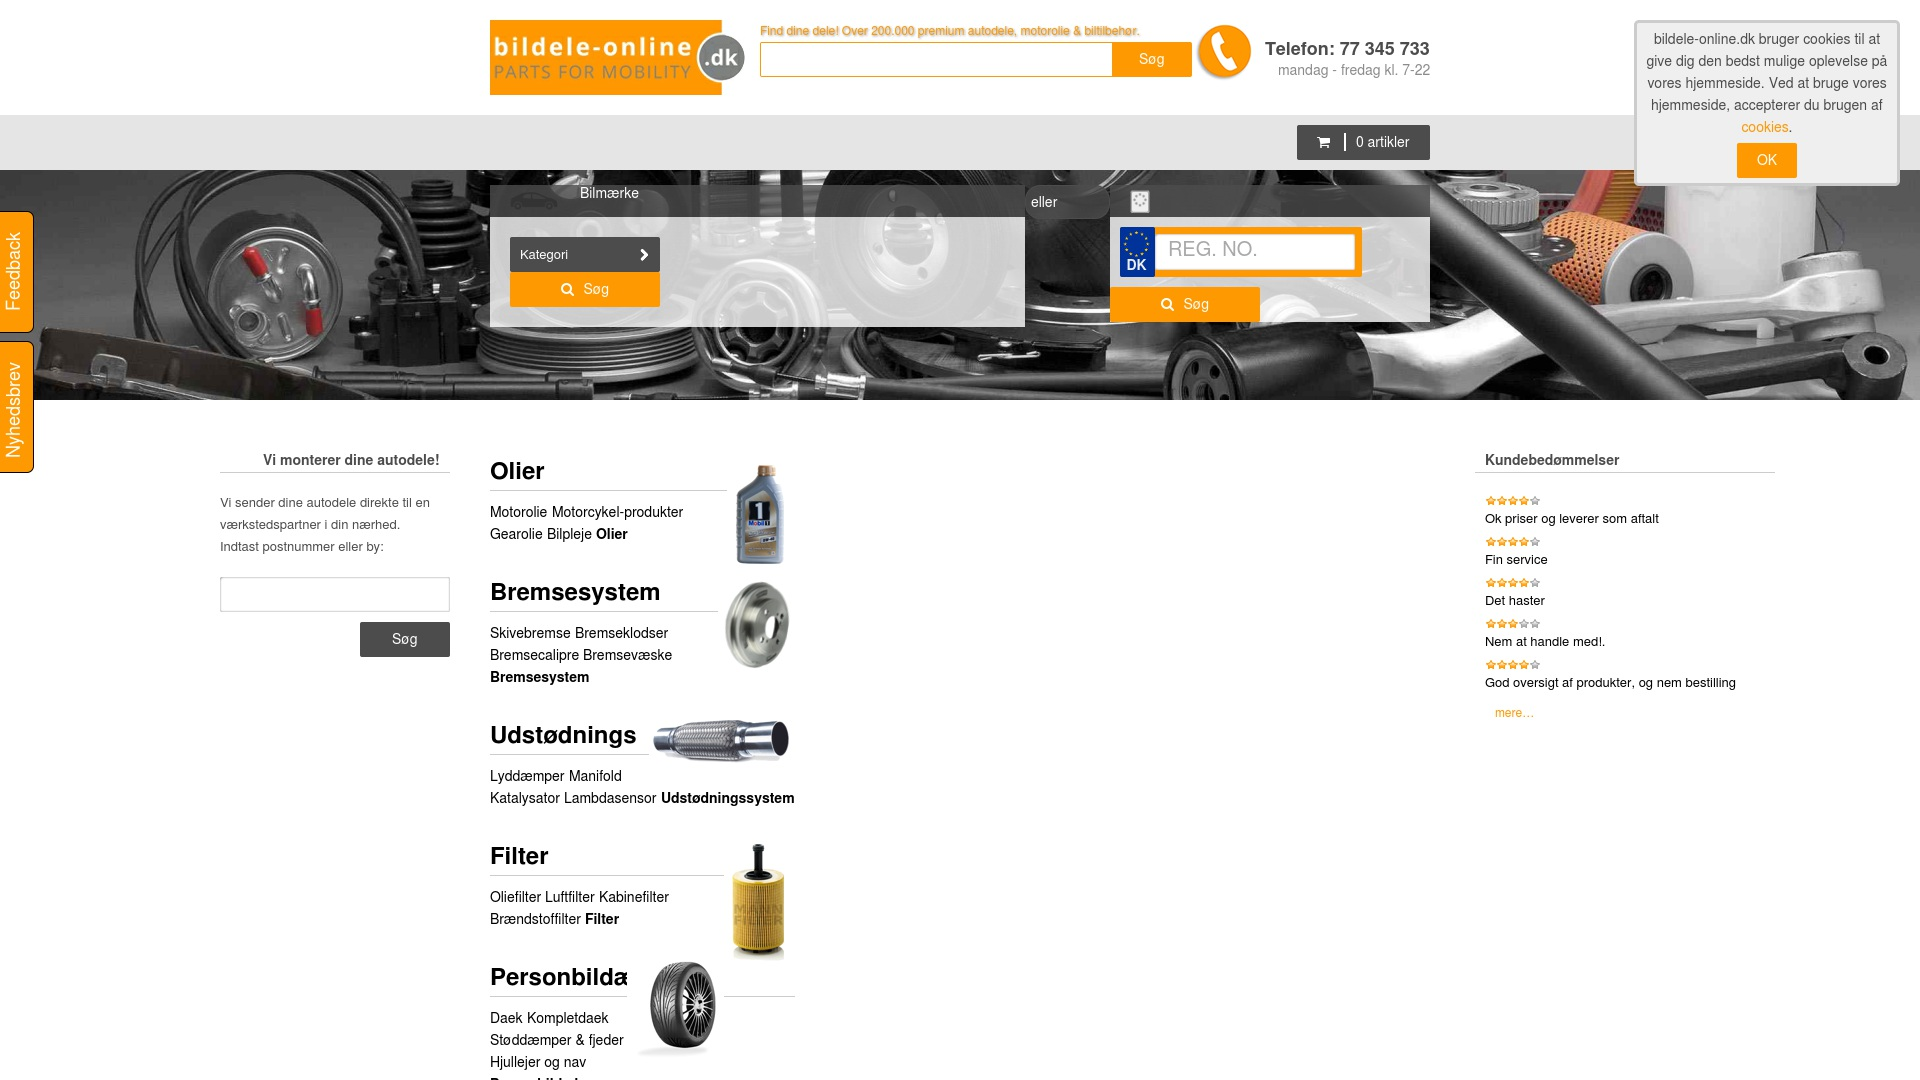 Gutschein für Bildele-online: Rabatte für  Bildele-online sichern